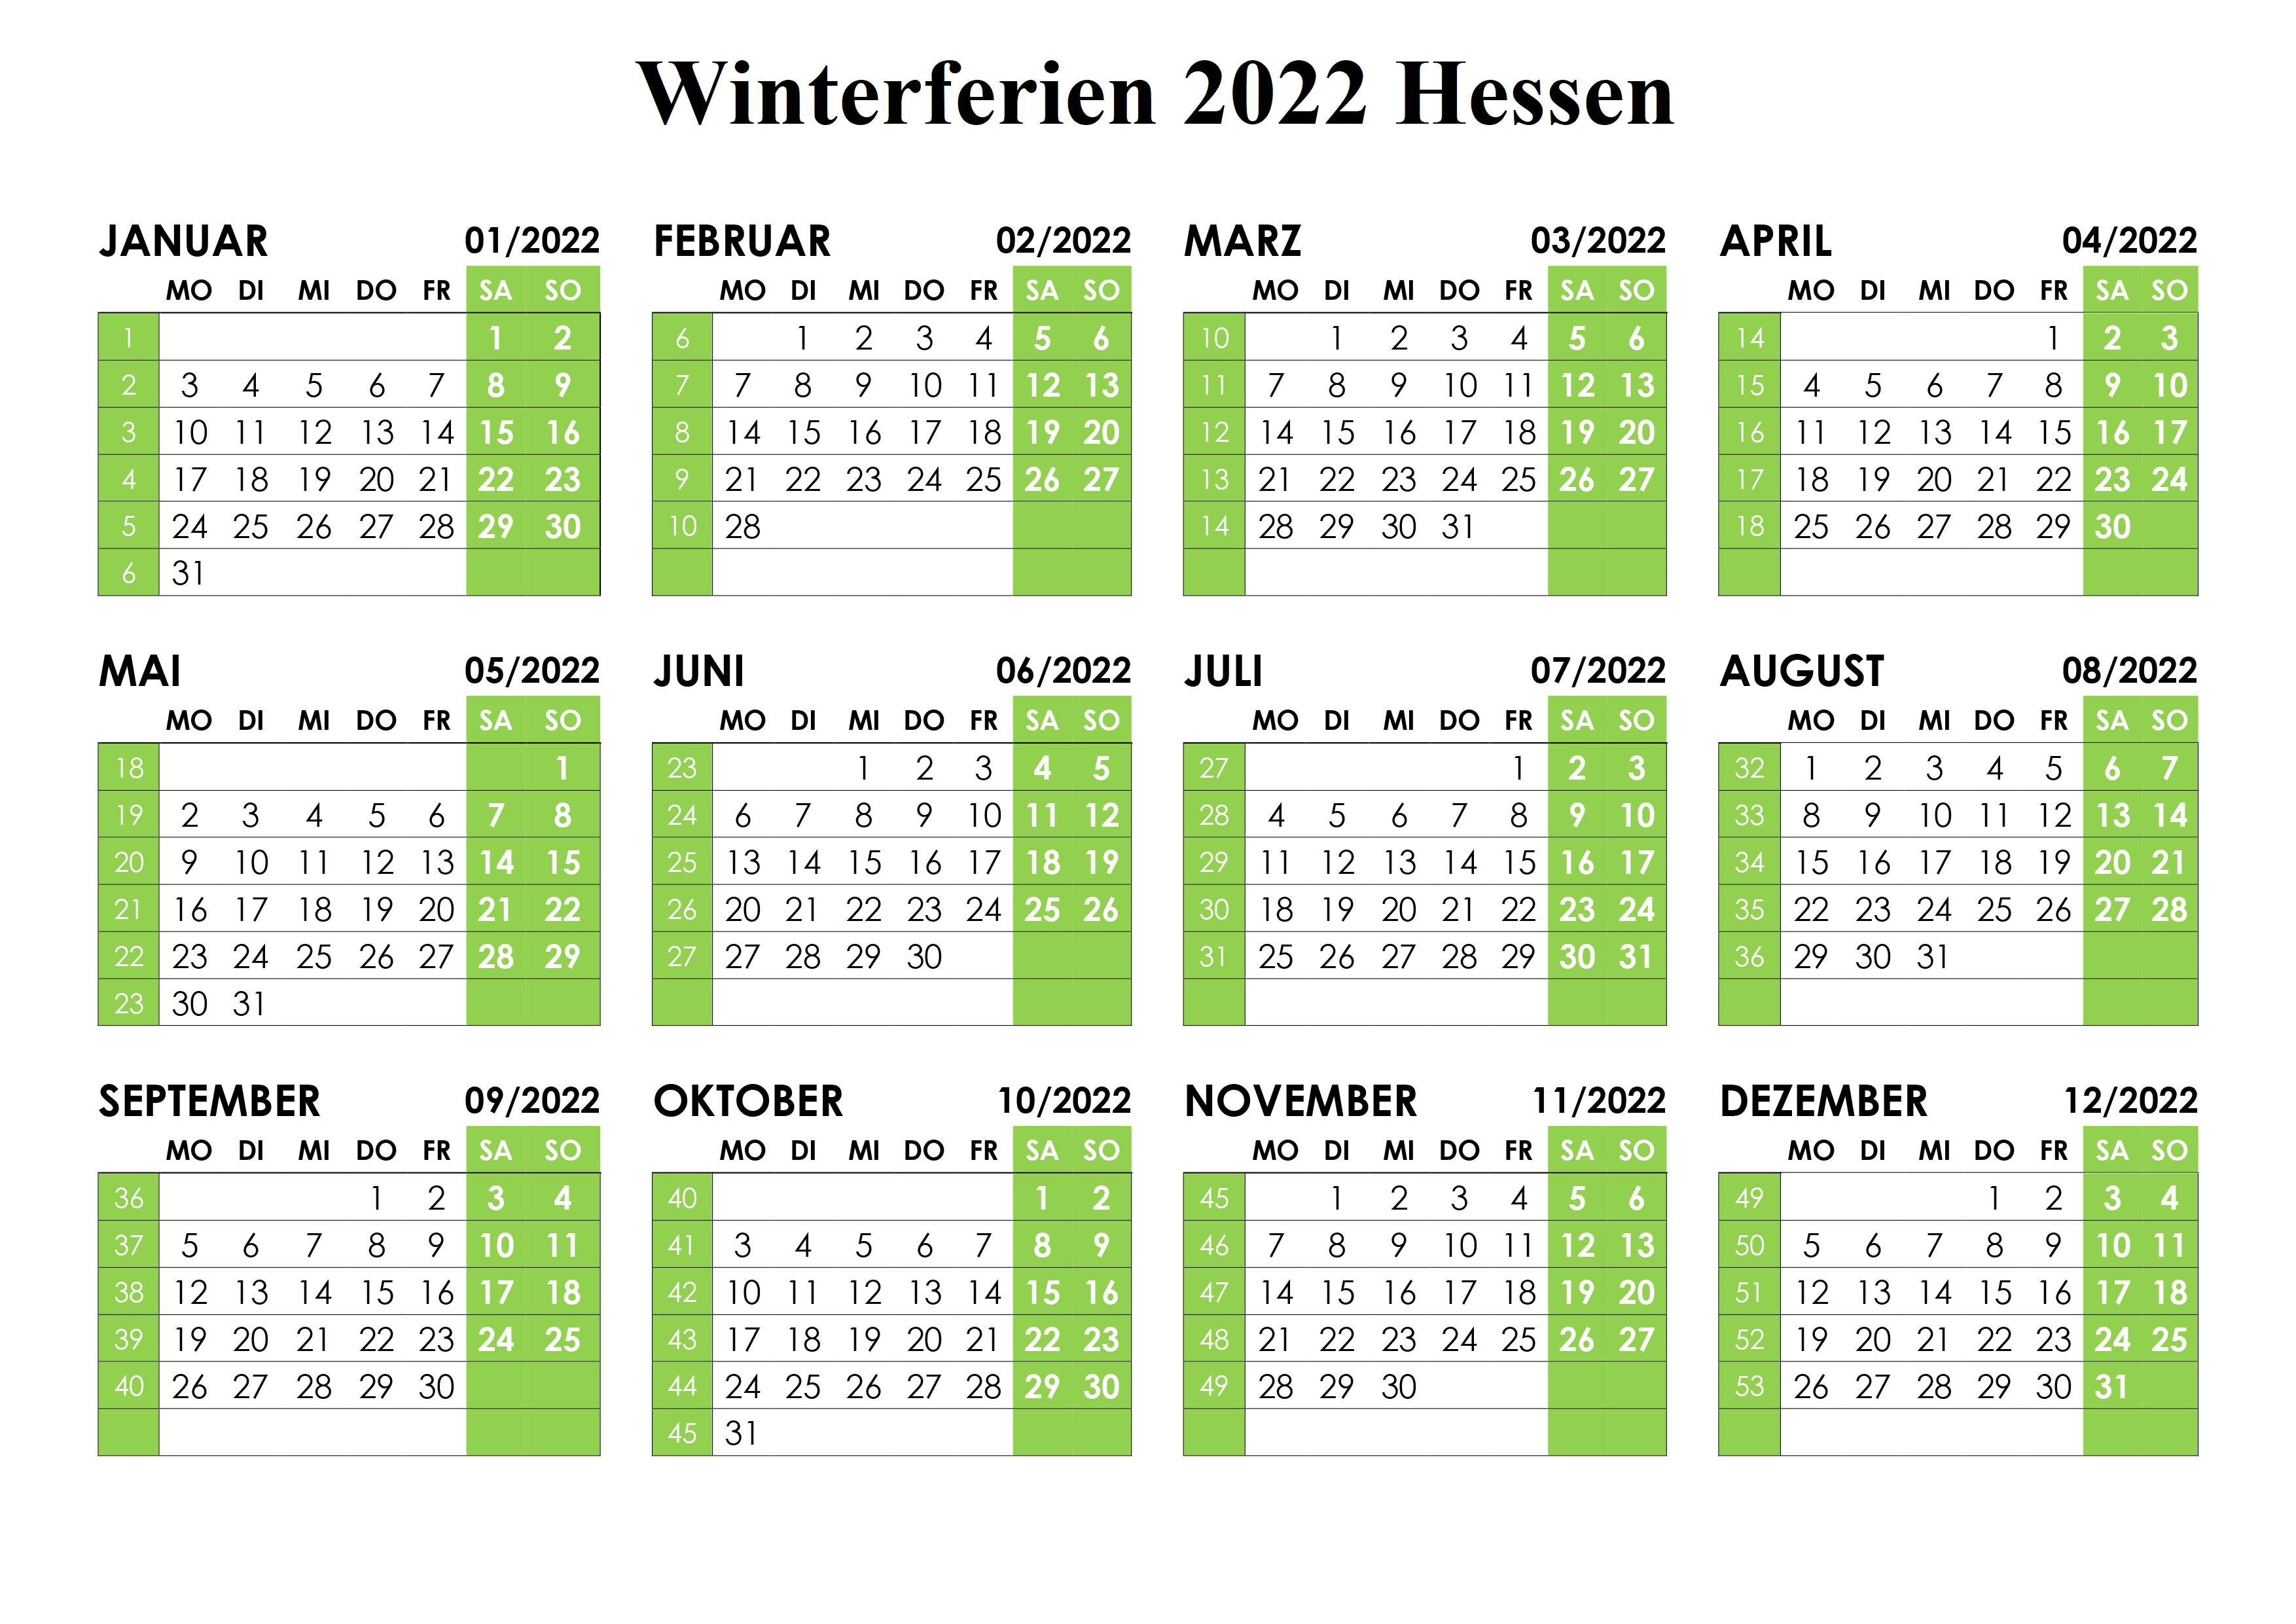 Winterferien Hessen 2022 Kalender Zum Ausdrucken